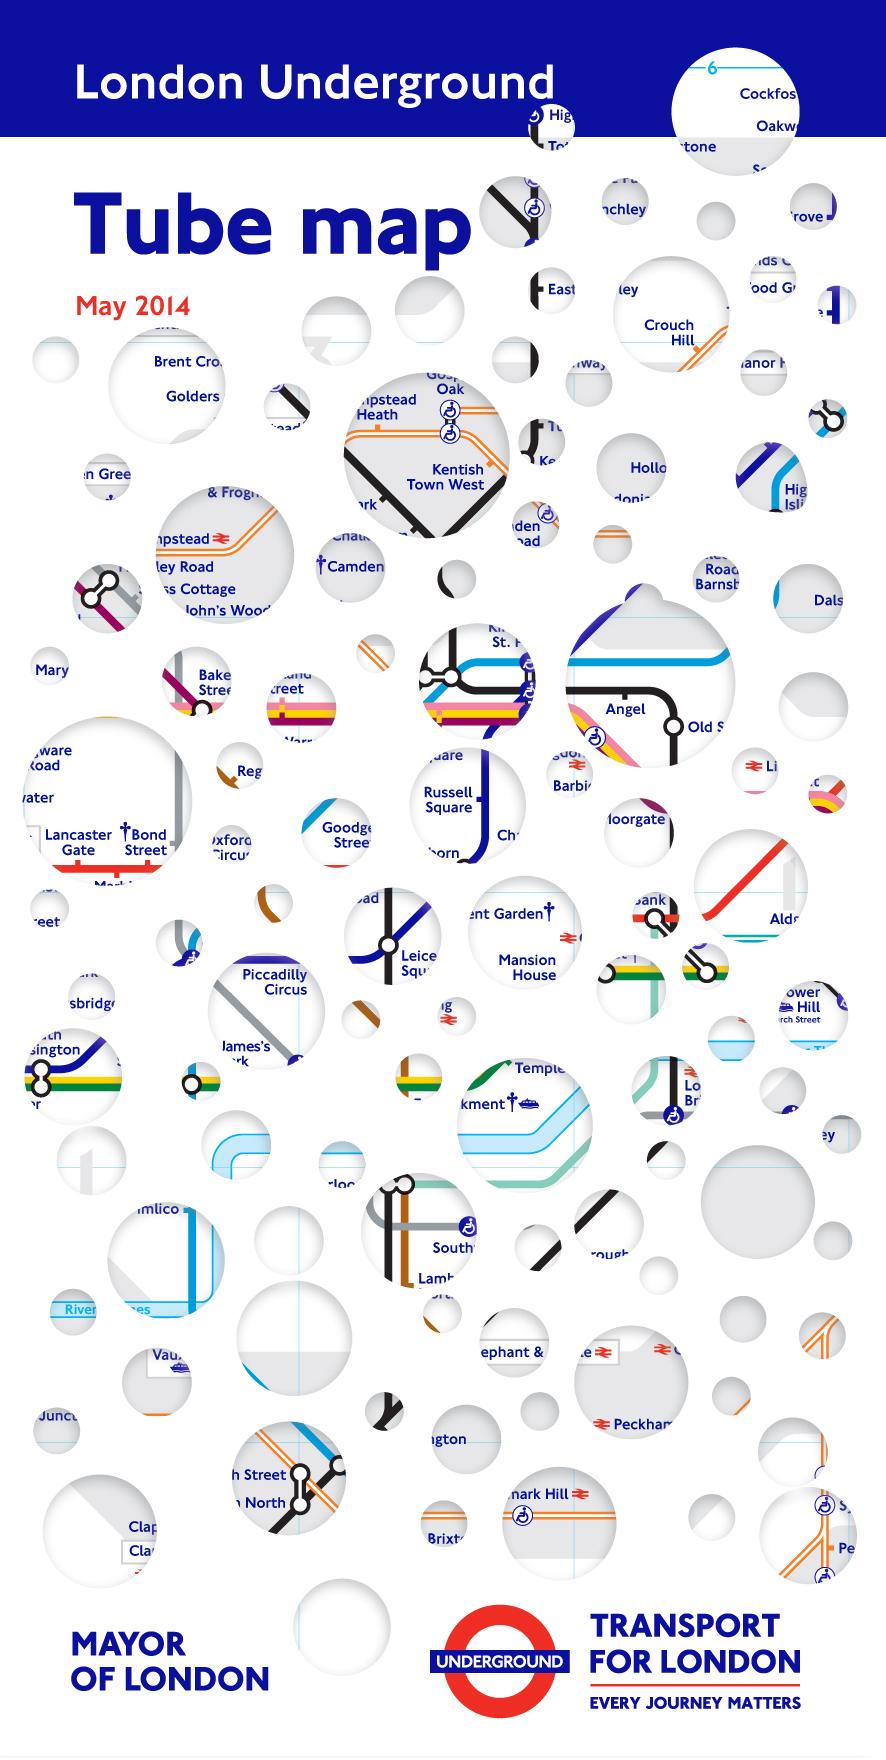 Rachel Whiteread's tube map cover